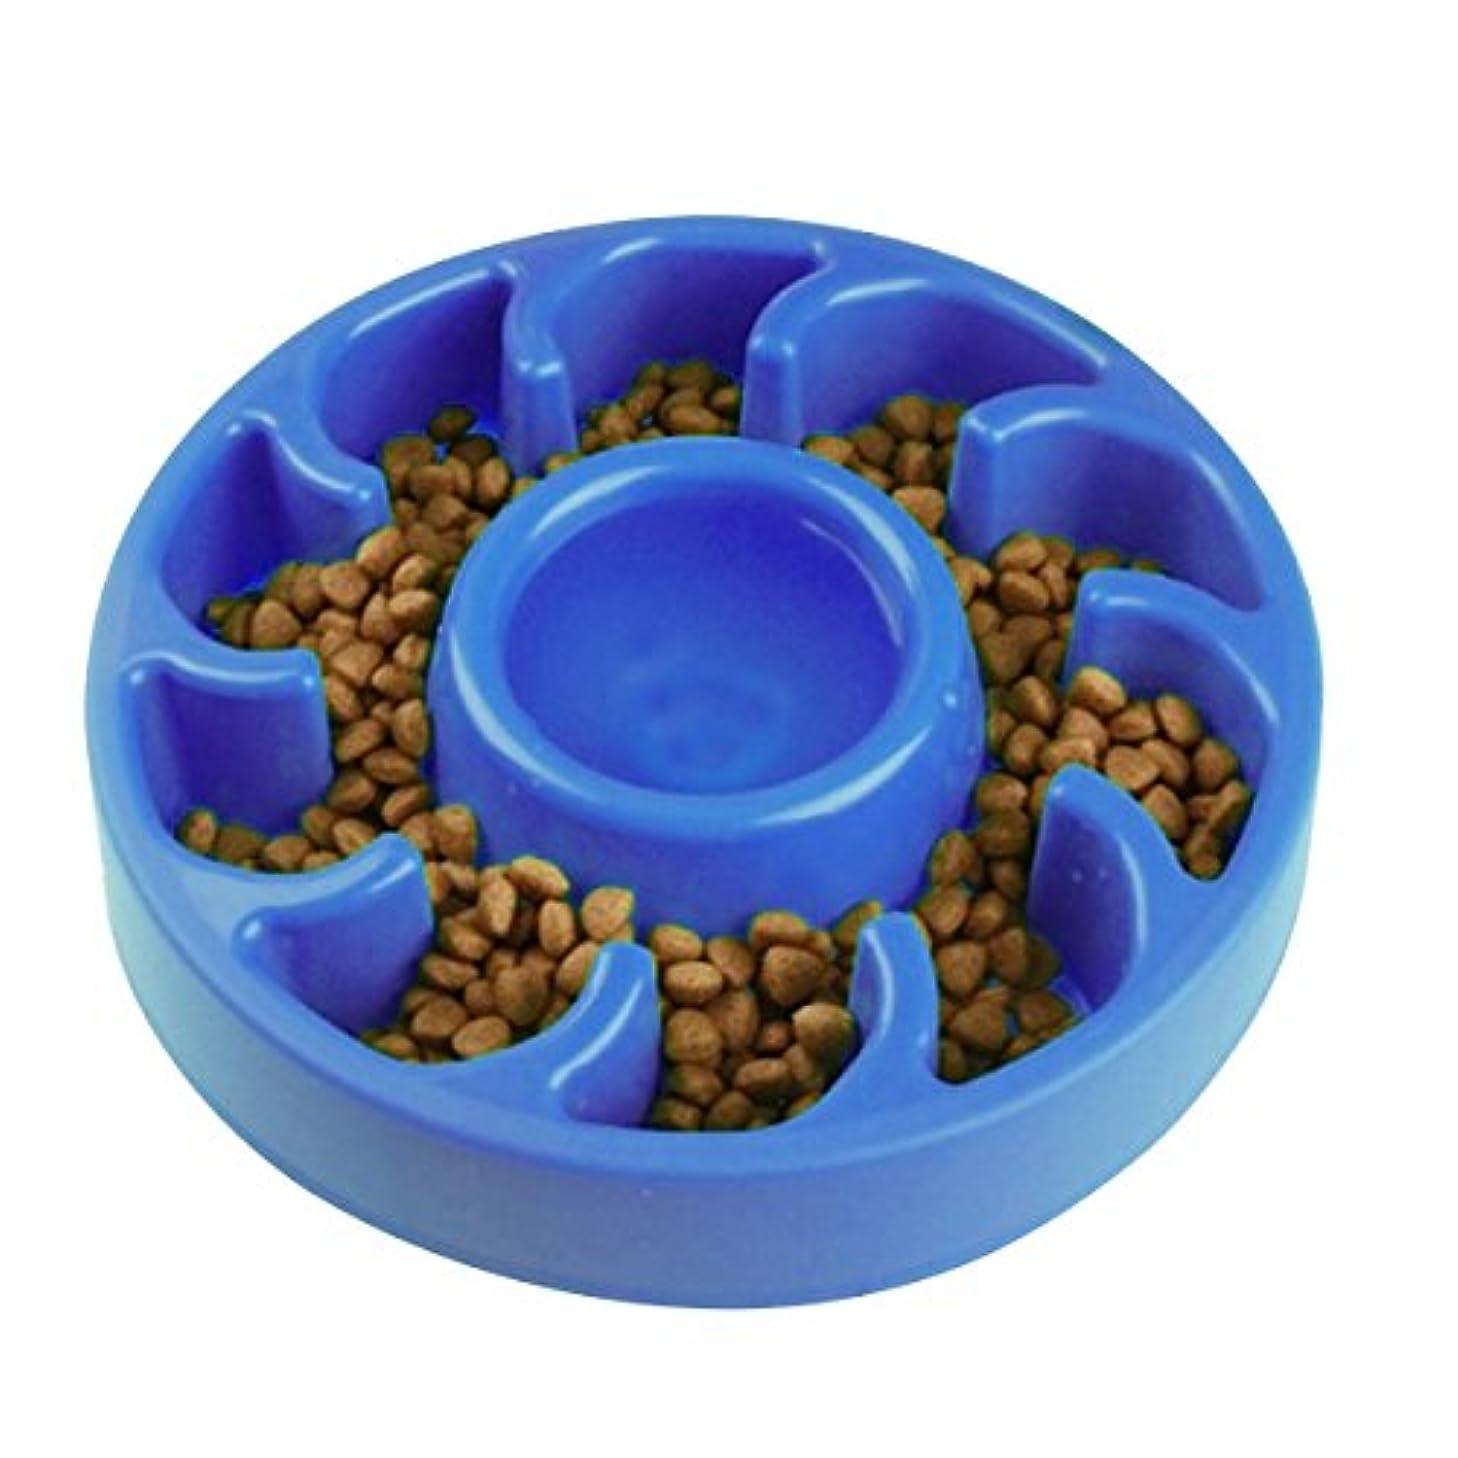 MEWTOGO-犬用 早食い防止食器 ダイエット用 早食い防止お皿 滑り止め ゆっくり食べる 丸飲み防止 知育 肥満対策 小型犬 中型犬 送料無料-ブルー